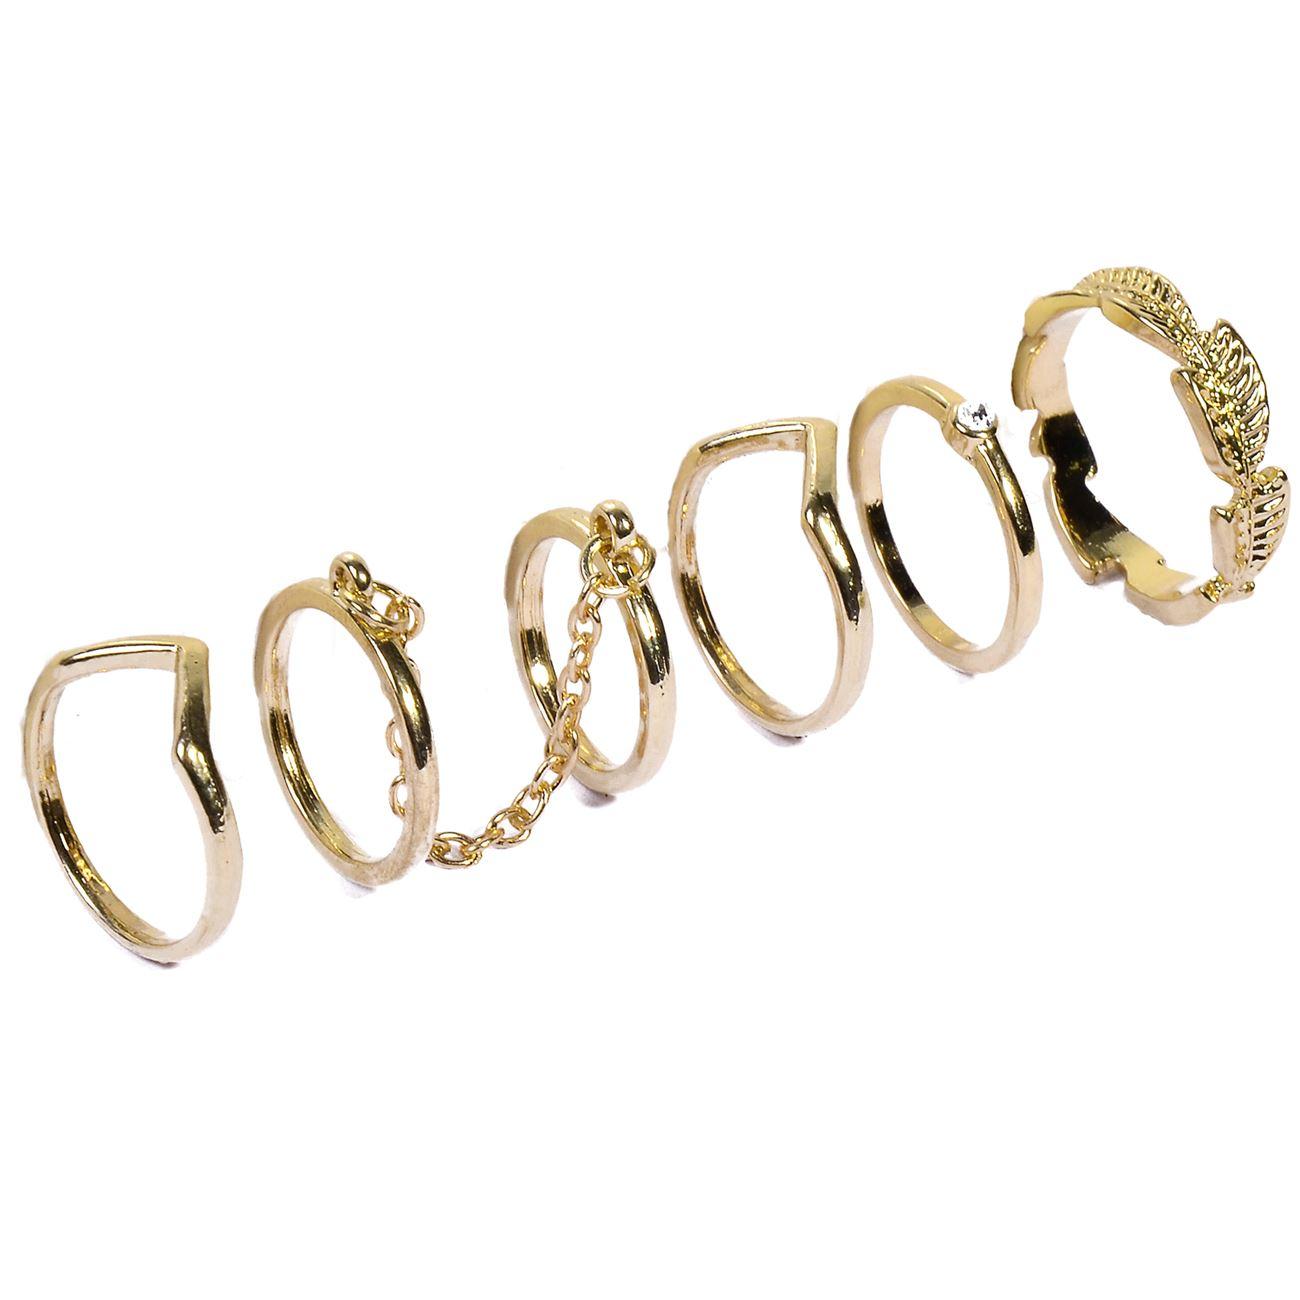 Δαχτυλίδι Γυναικείο - 6 τμχ.   Δαχτυλίδια  66a987725e0